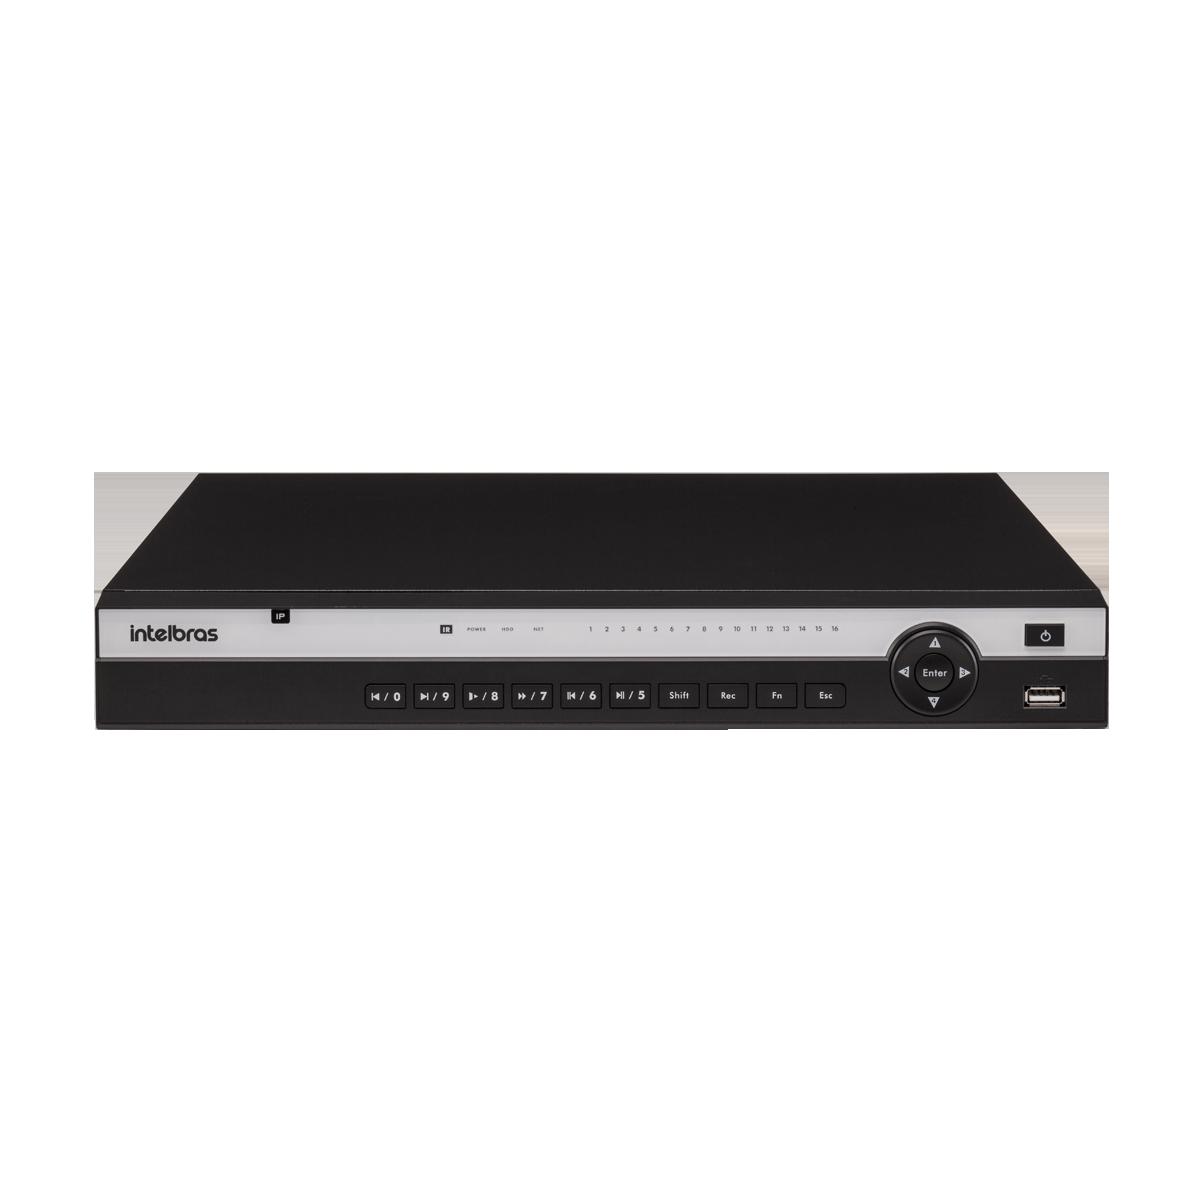 NVD 3116 COM HD 1TB - GRAV. DIG. DE VÍDEO EM REDE PARA ATÉ 16 CANAIS IP EM FULL HD @ 30 FPS, INTELIGÊNCIA DE VÍDEO EM TODOS OS CANAIS, H.265, SUPORTE PARA 2HDS E SUPORTA CÂMERAS COM RESOLUÇÃO 4K - PRO  - Sandercomp Virtual